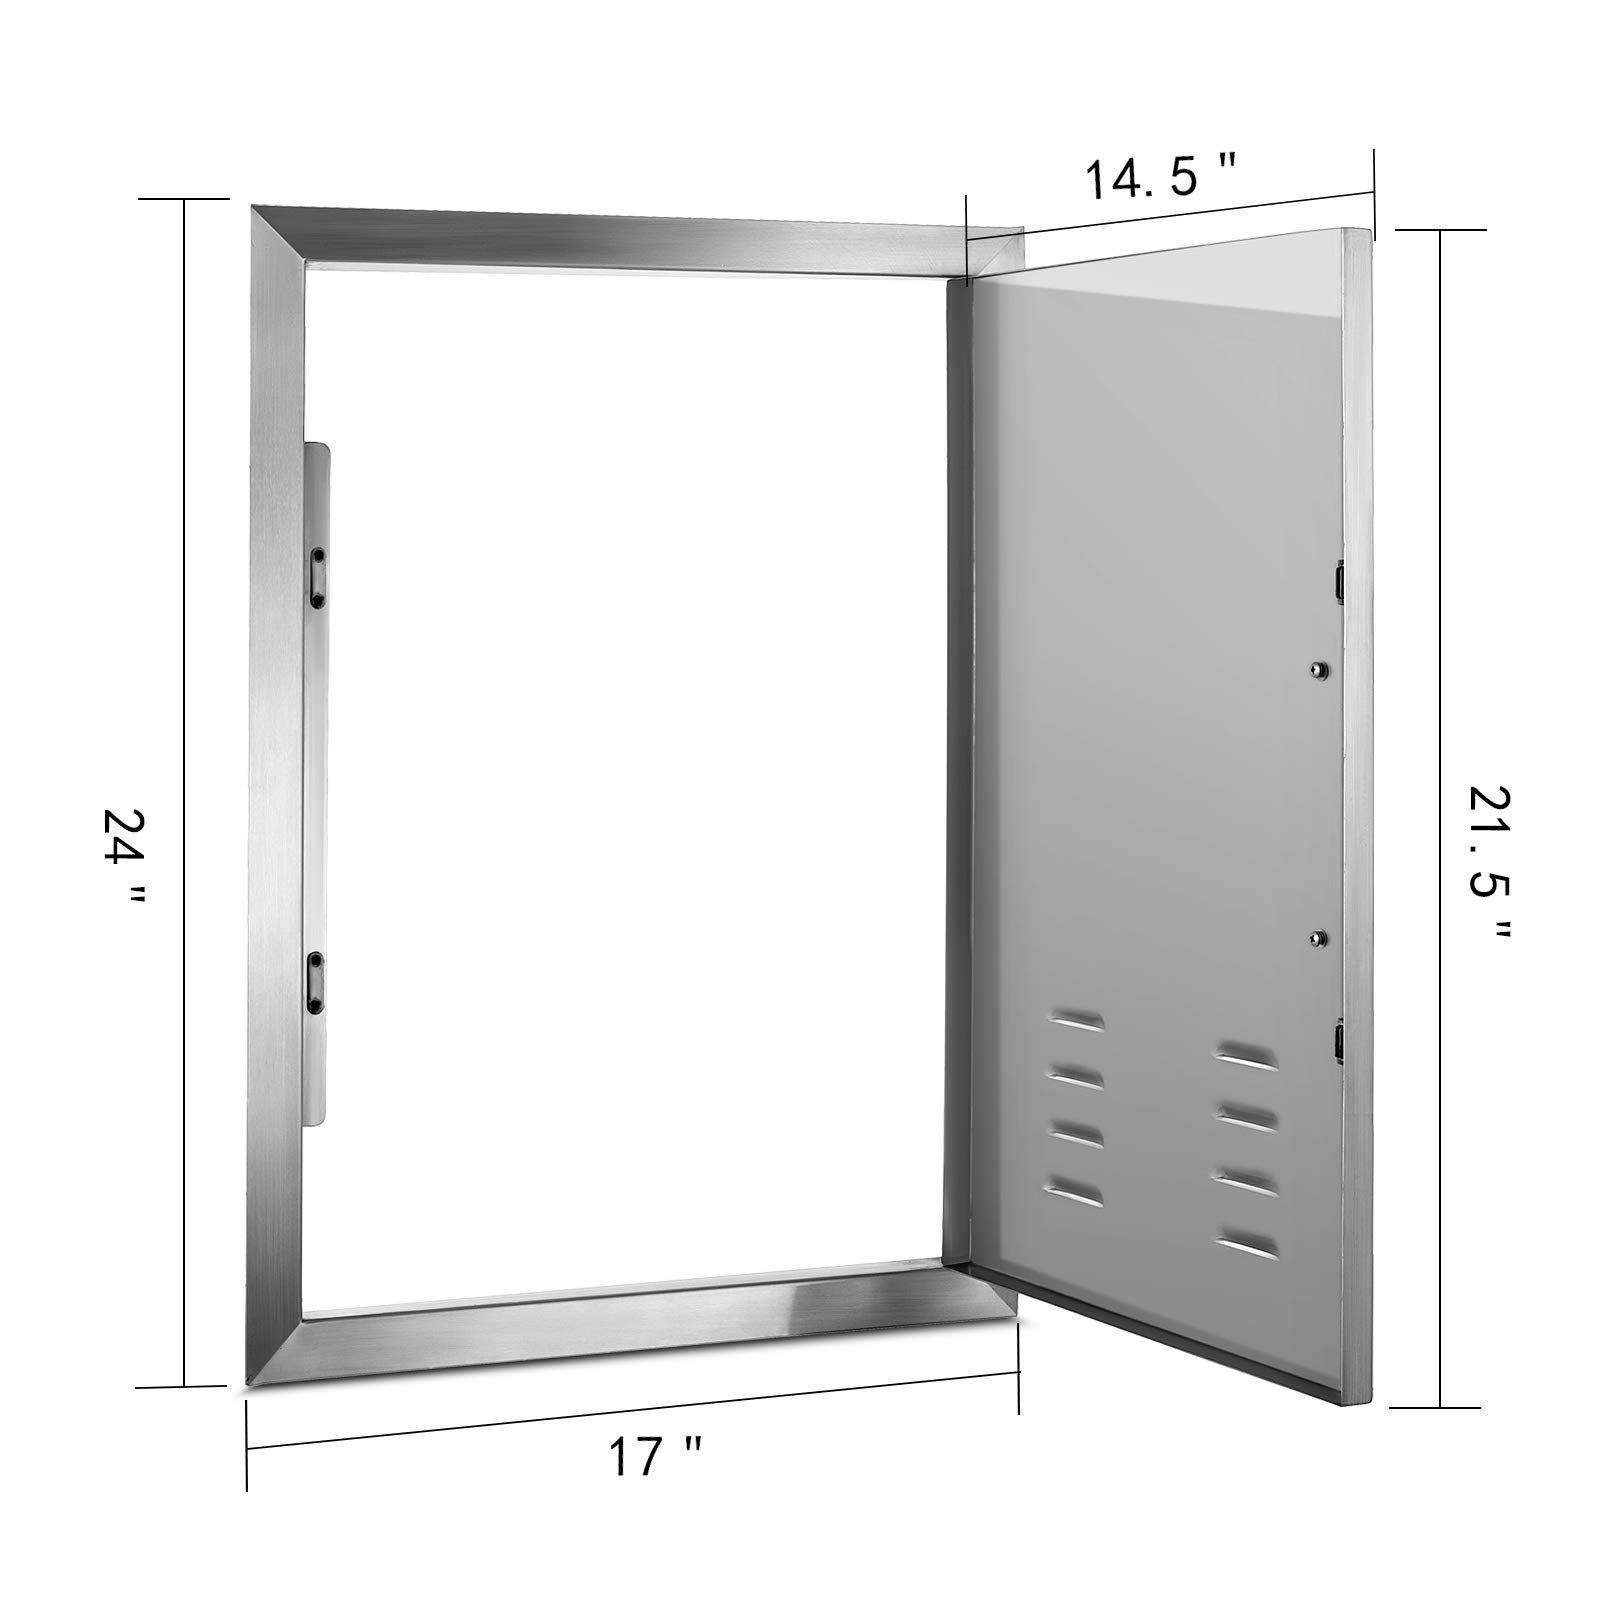 Happybuy Bbq Access Door 17 X 24 Inch Vertical Island Door With Vents Stainless Steel Single Access Door Flush M Locker Storage Outdoor Kitchen Outdoor Storage